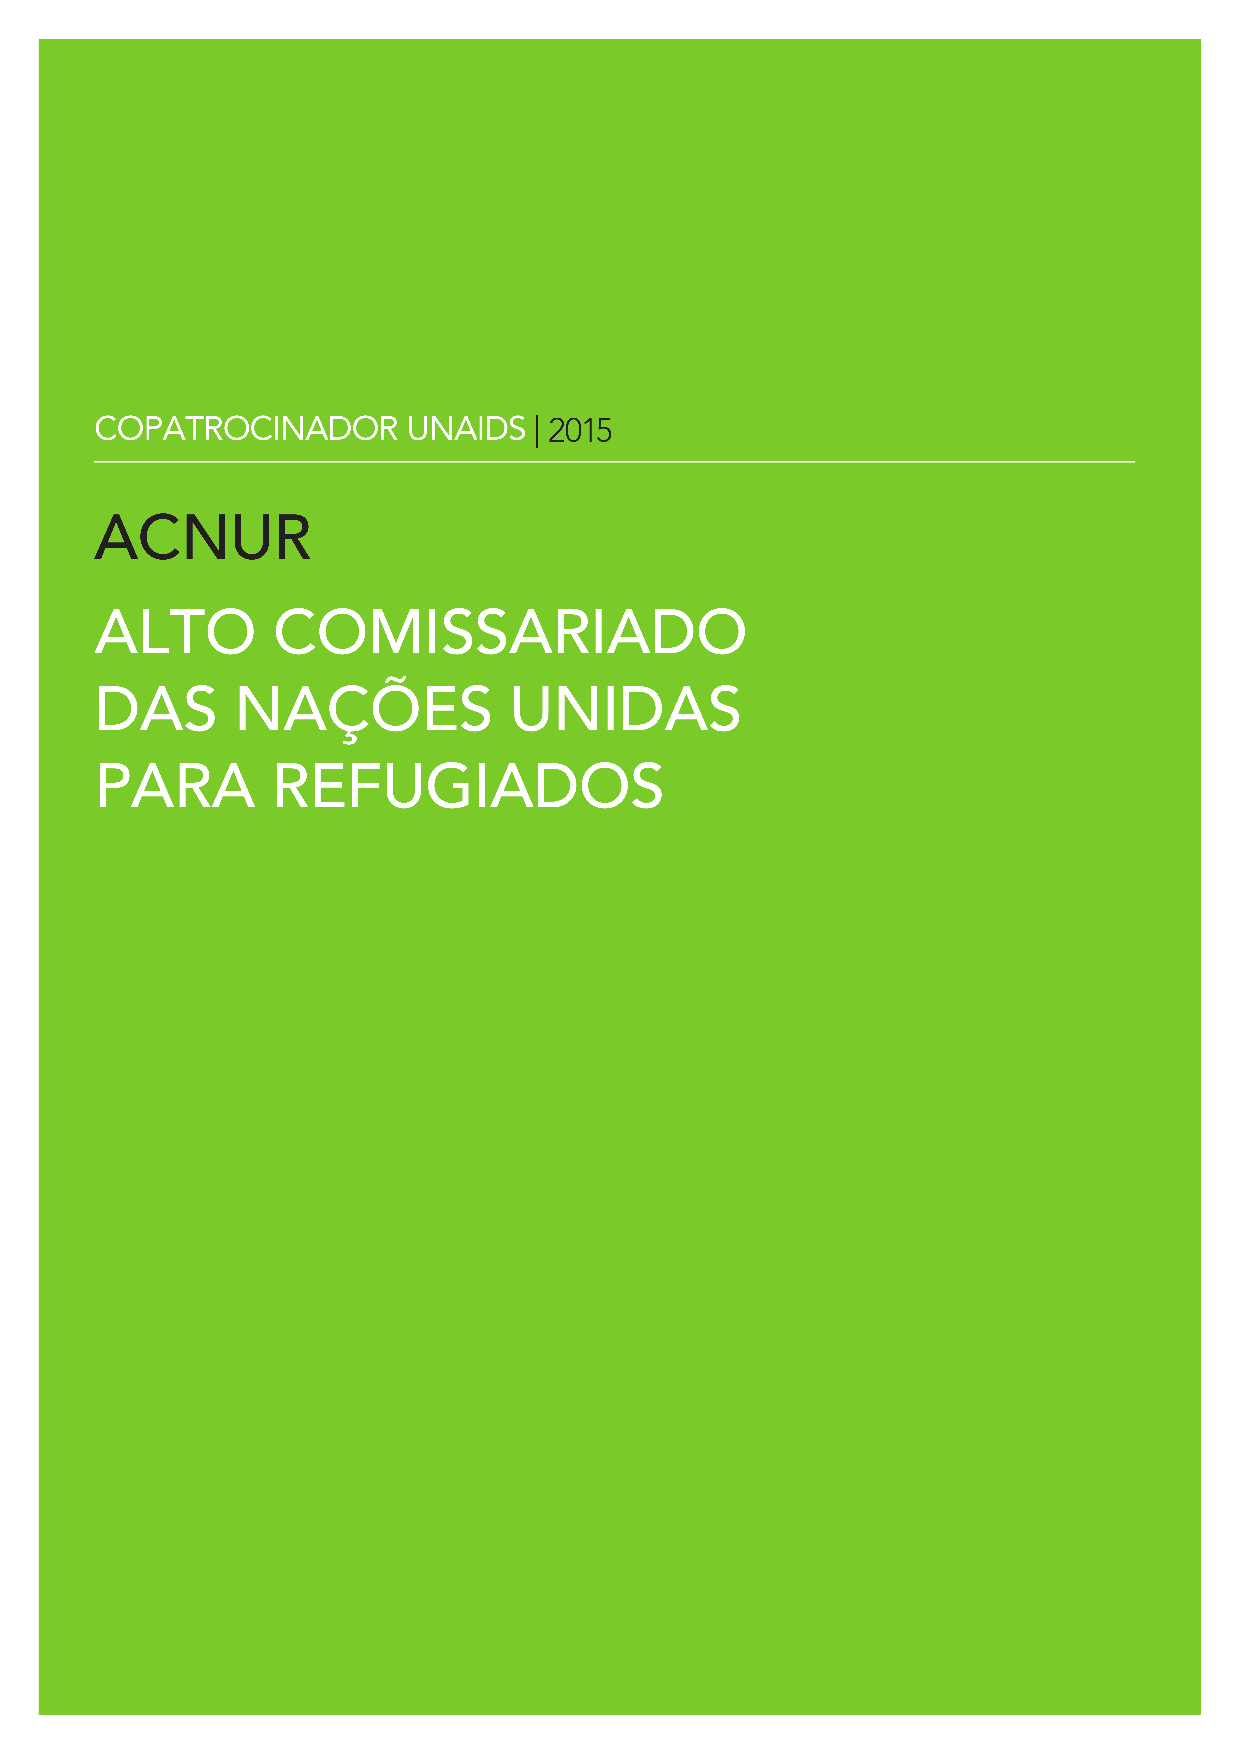 ACNUR ALTO COMISSARIADO DAS NAÇÕES UNIDAS PARA REFUGIADOS